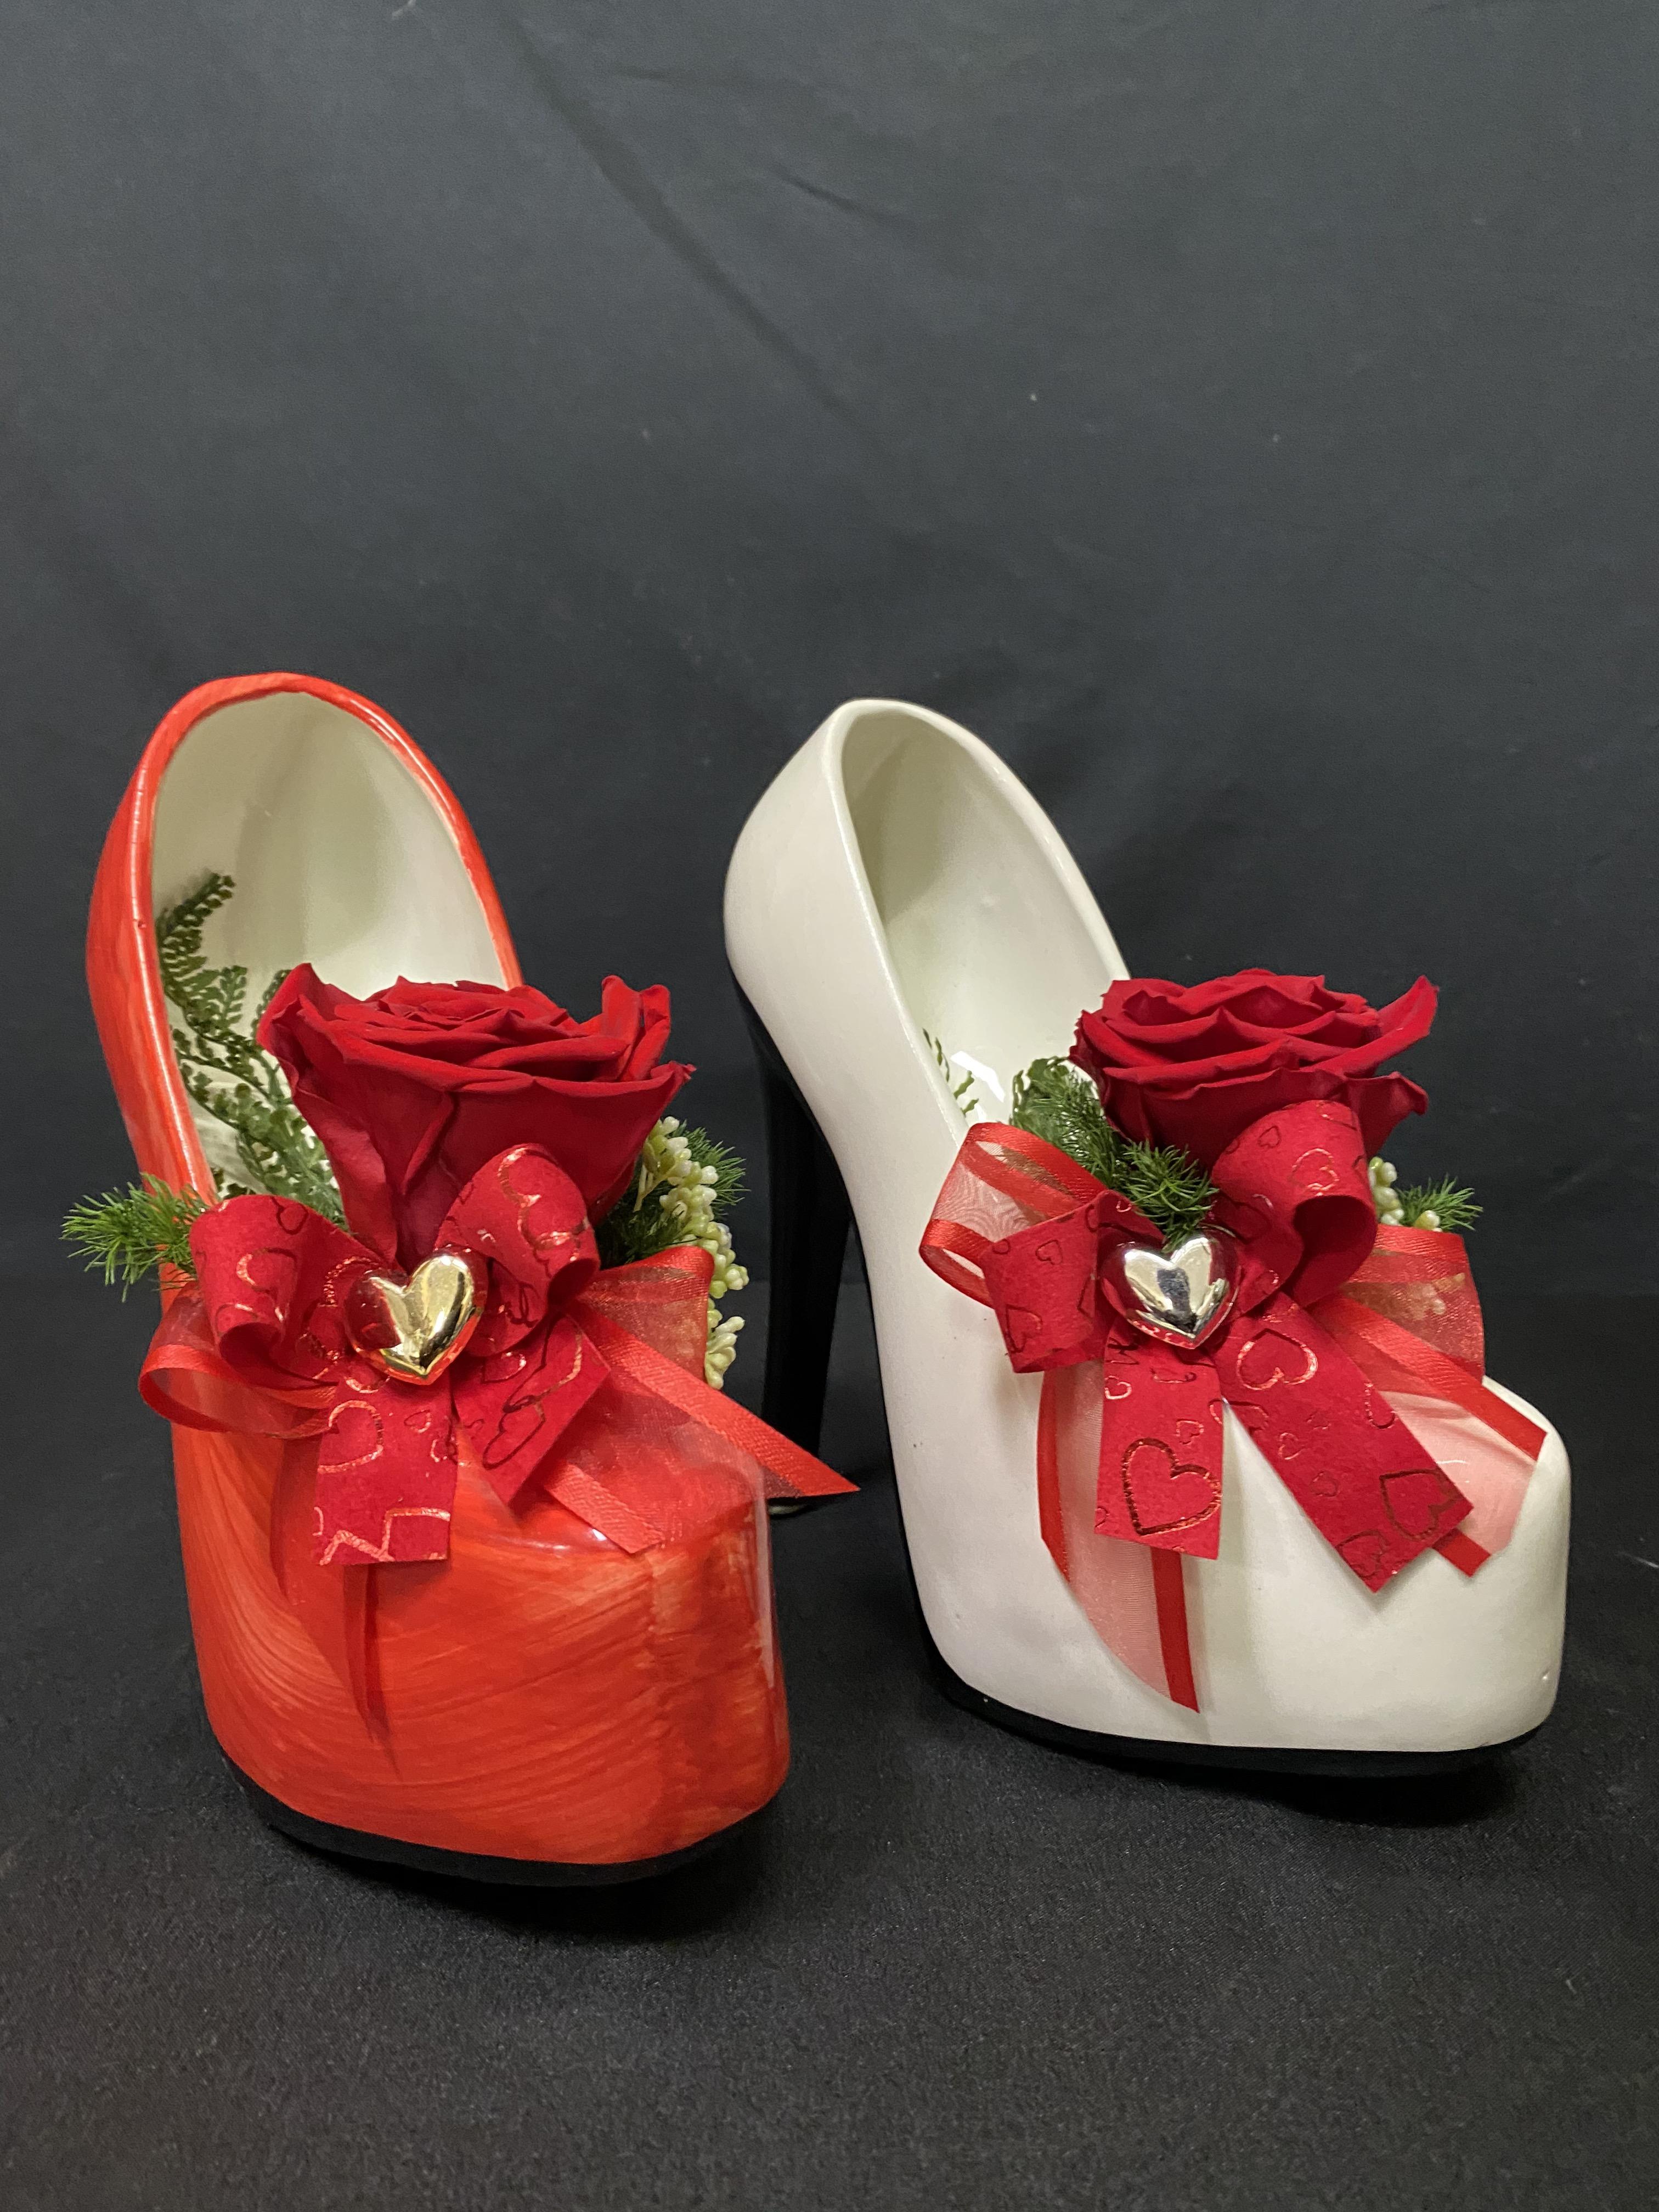 Rosa stabilizzata in scarpetta di ceramica